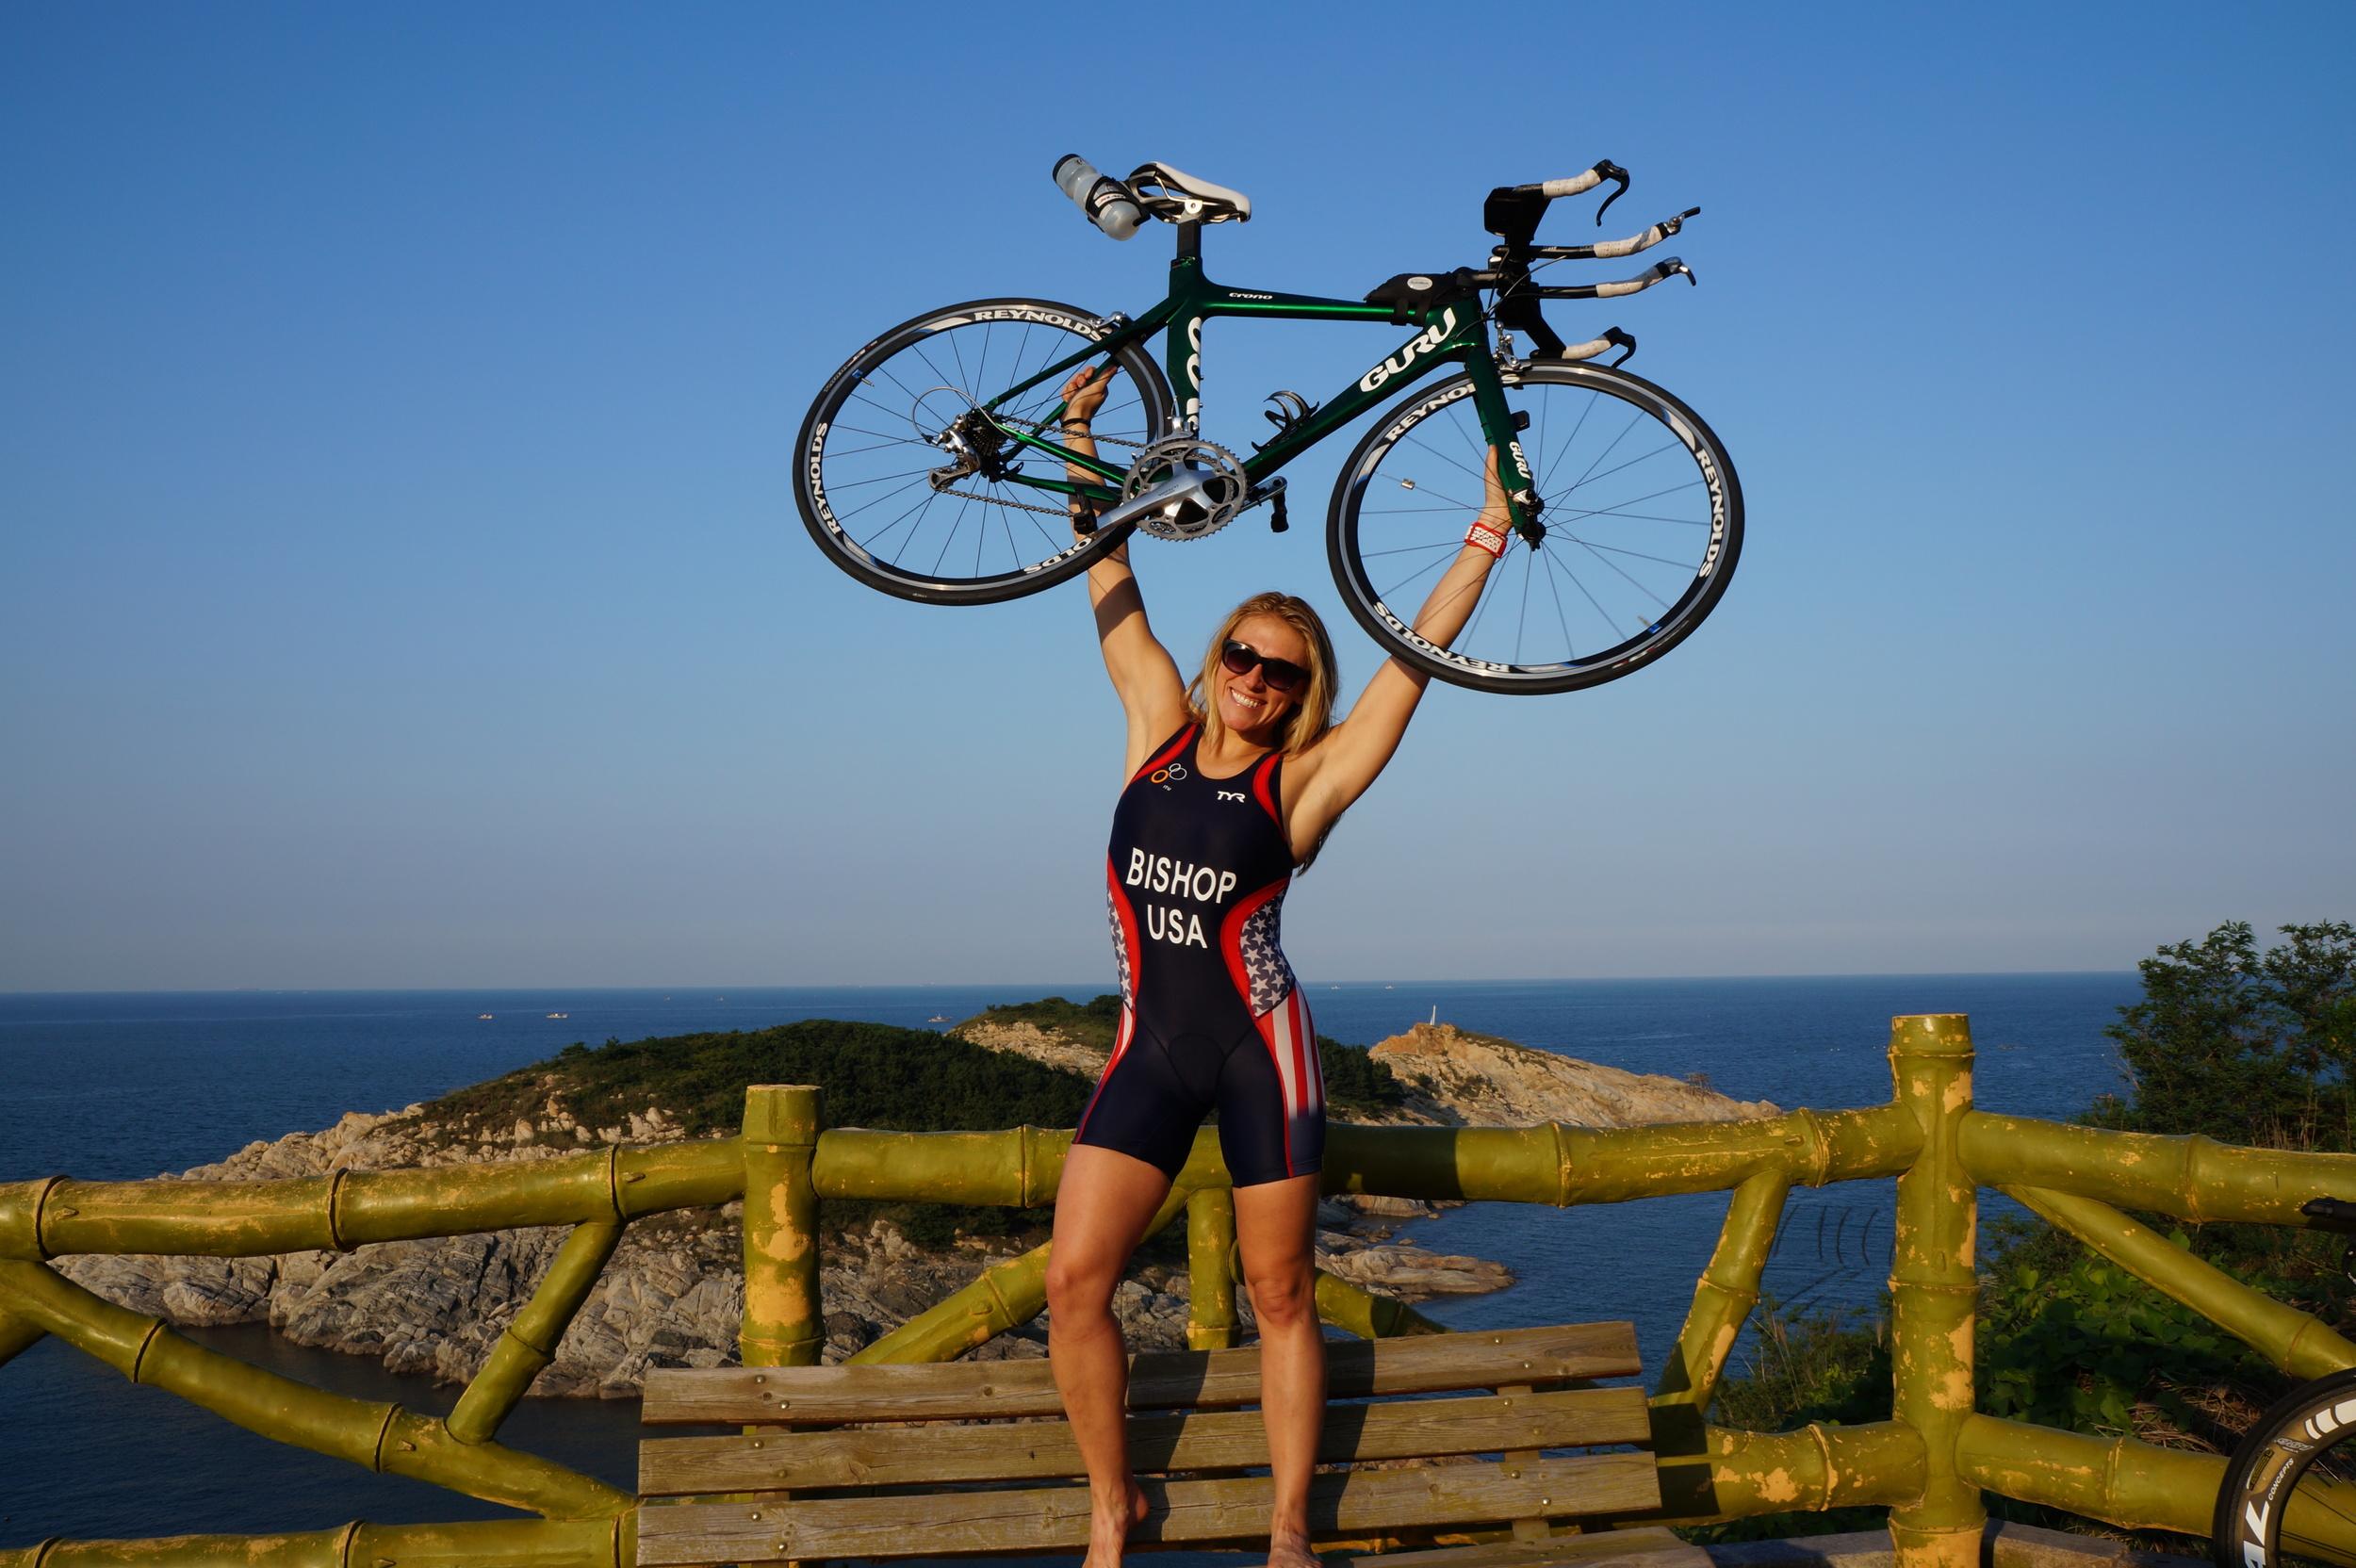 Triathlon - Worlds Team USA w Bike.JPG